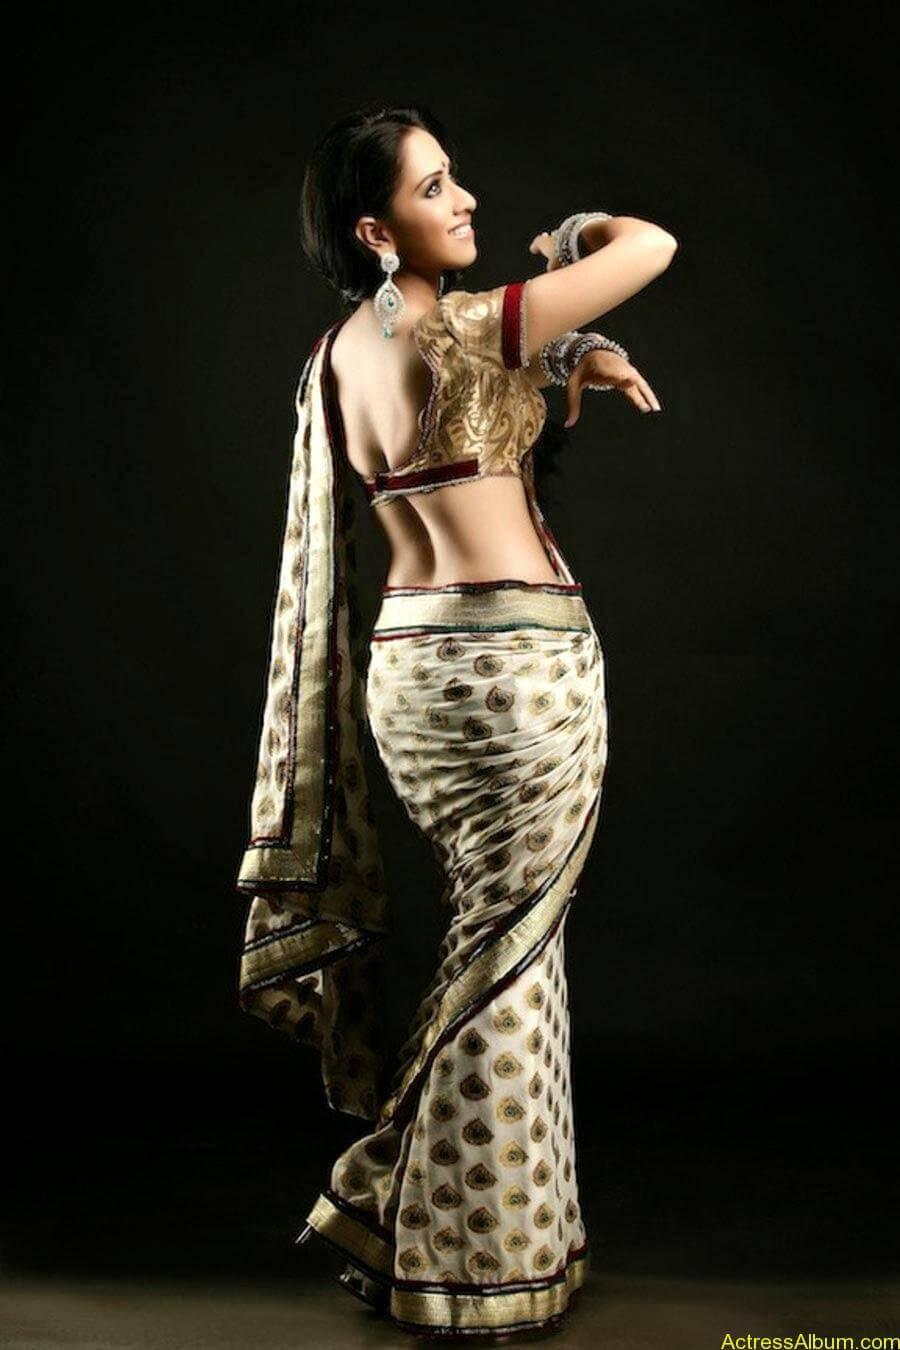 Monali sehgal saree photoshoot 1